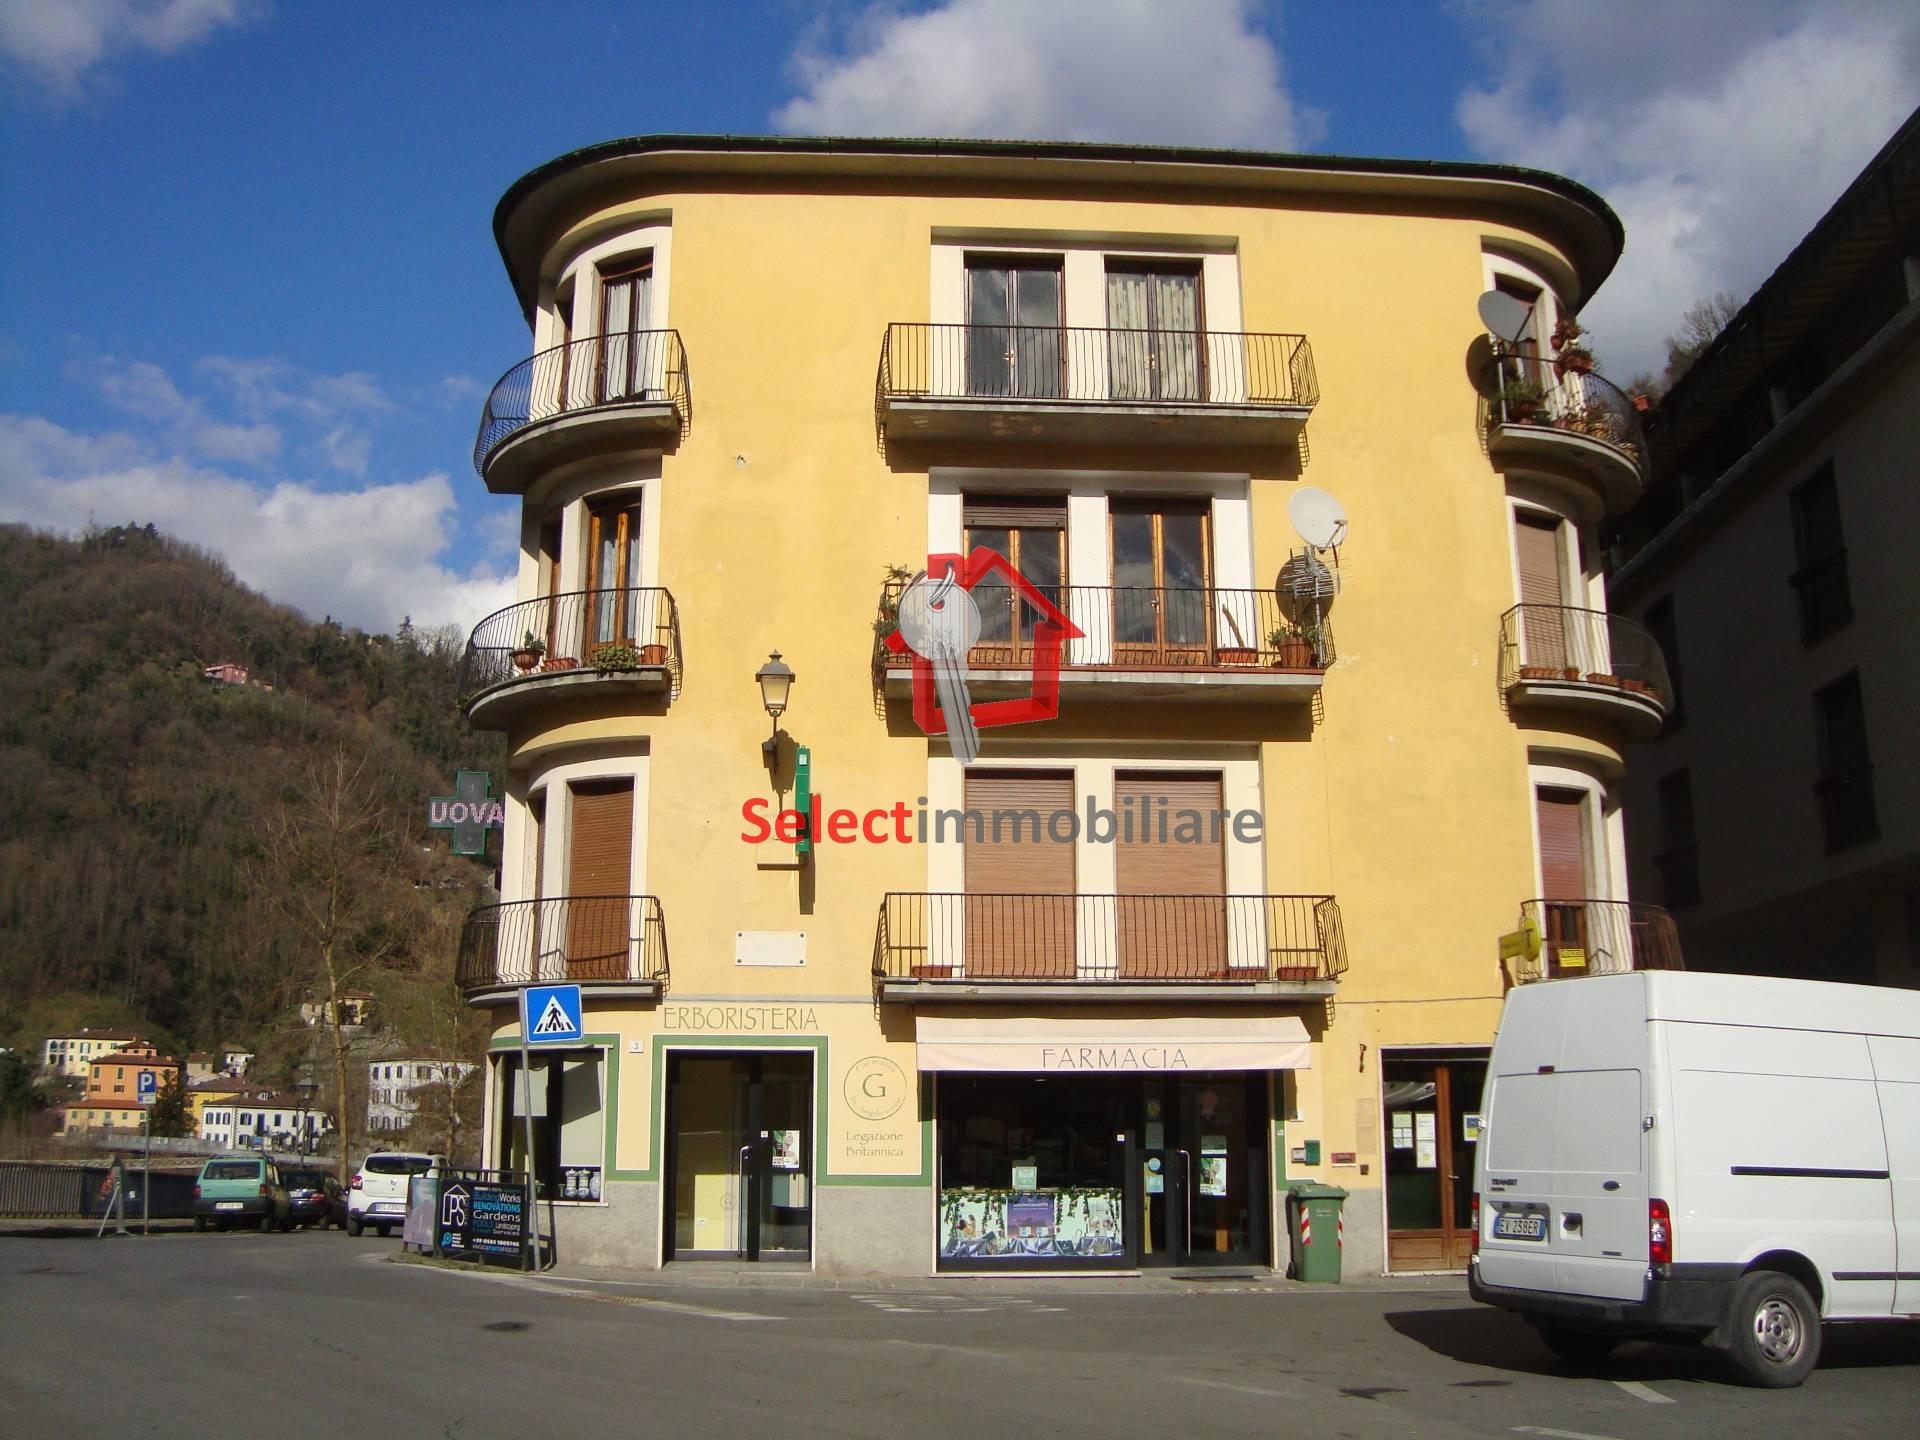 Appartamento in vendita a Bagni di Lucca, 4 locali, zona Località: PonteaSerraglio, prezzo € 70.000 | CambioCasa.it